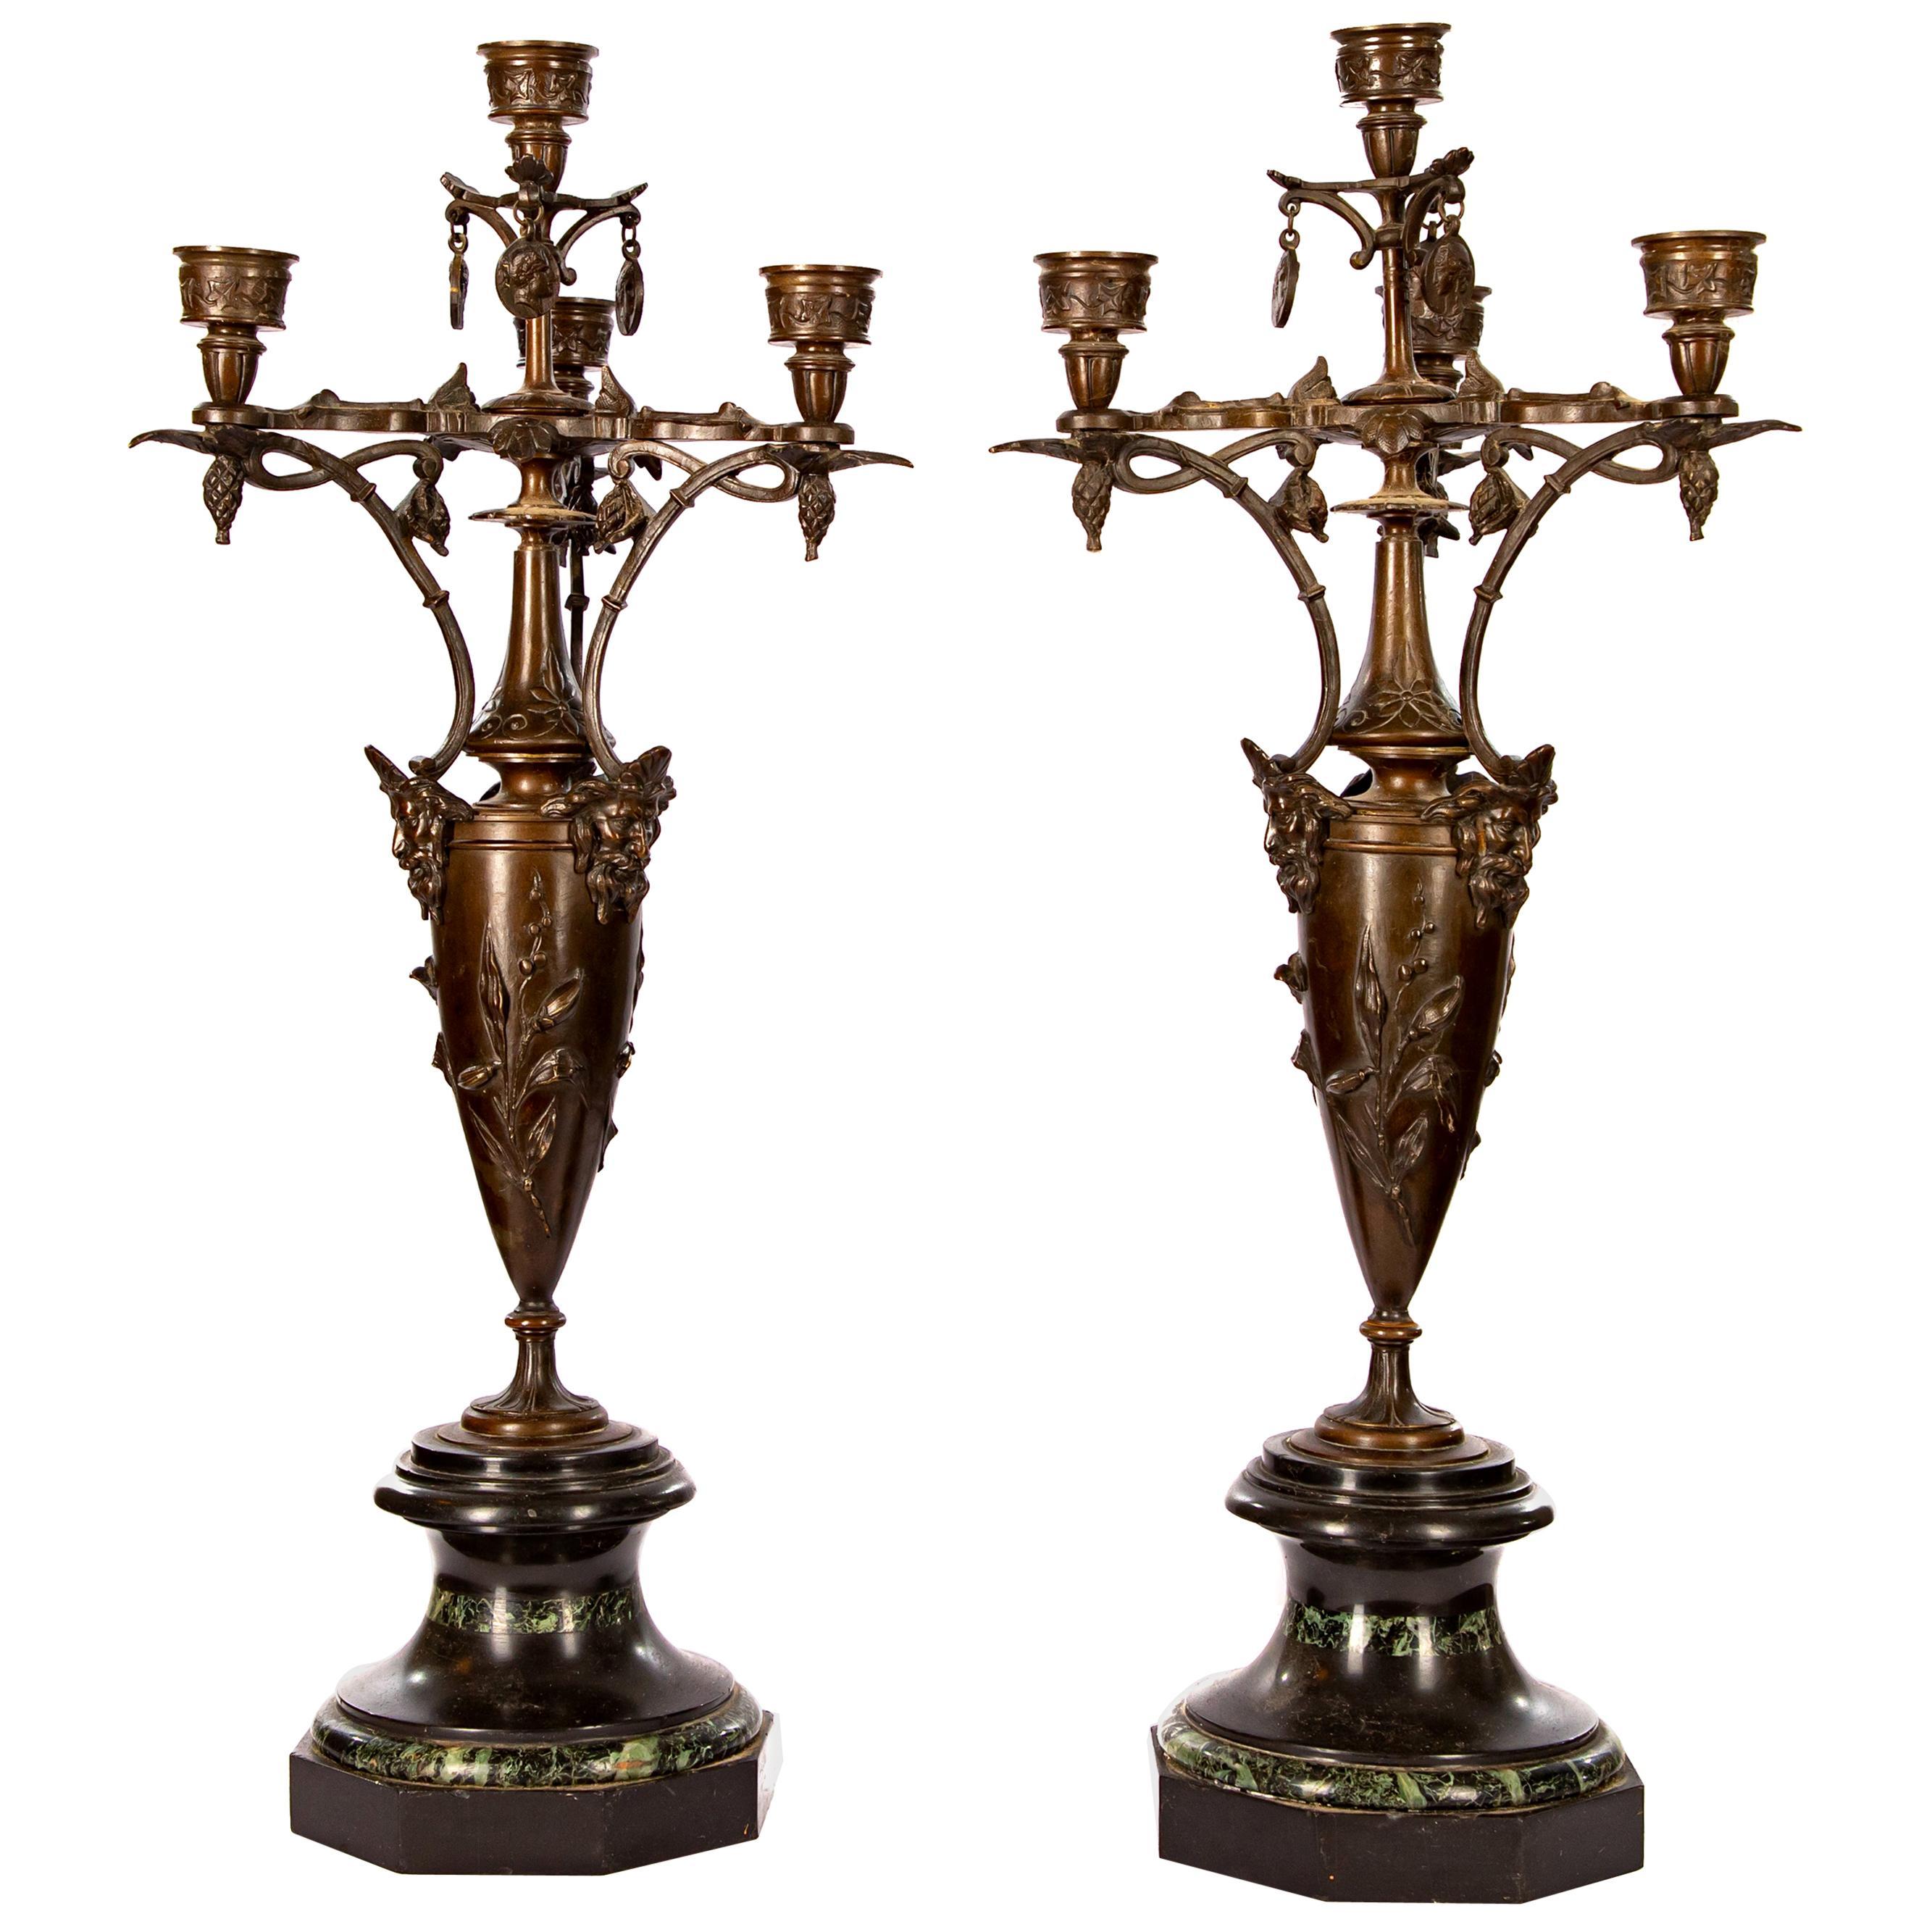 Art Nouveau Candelabras, Pair